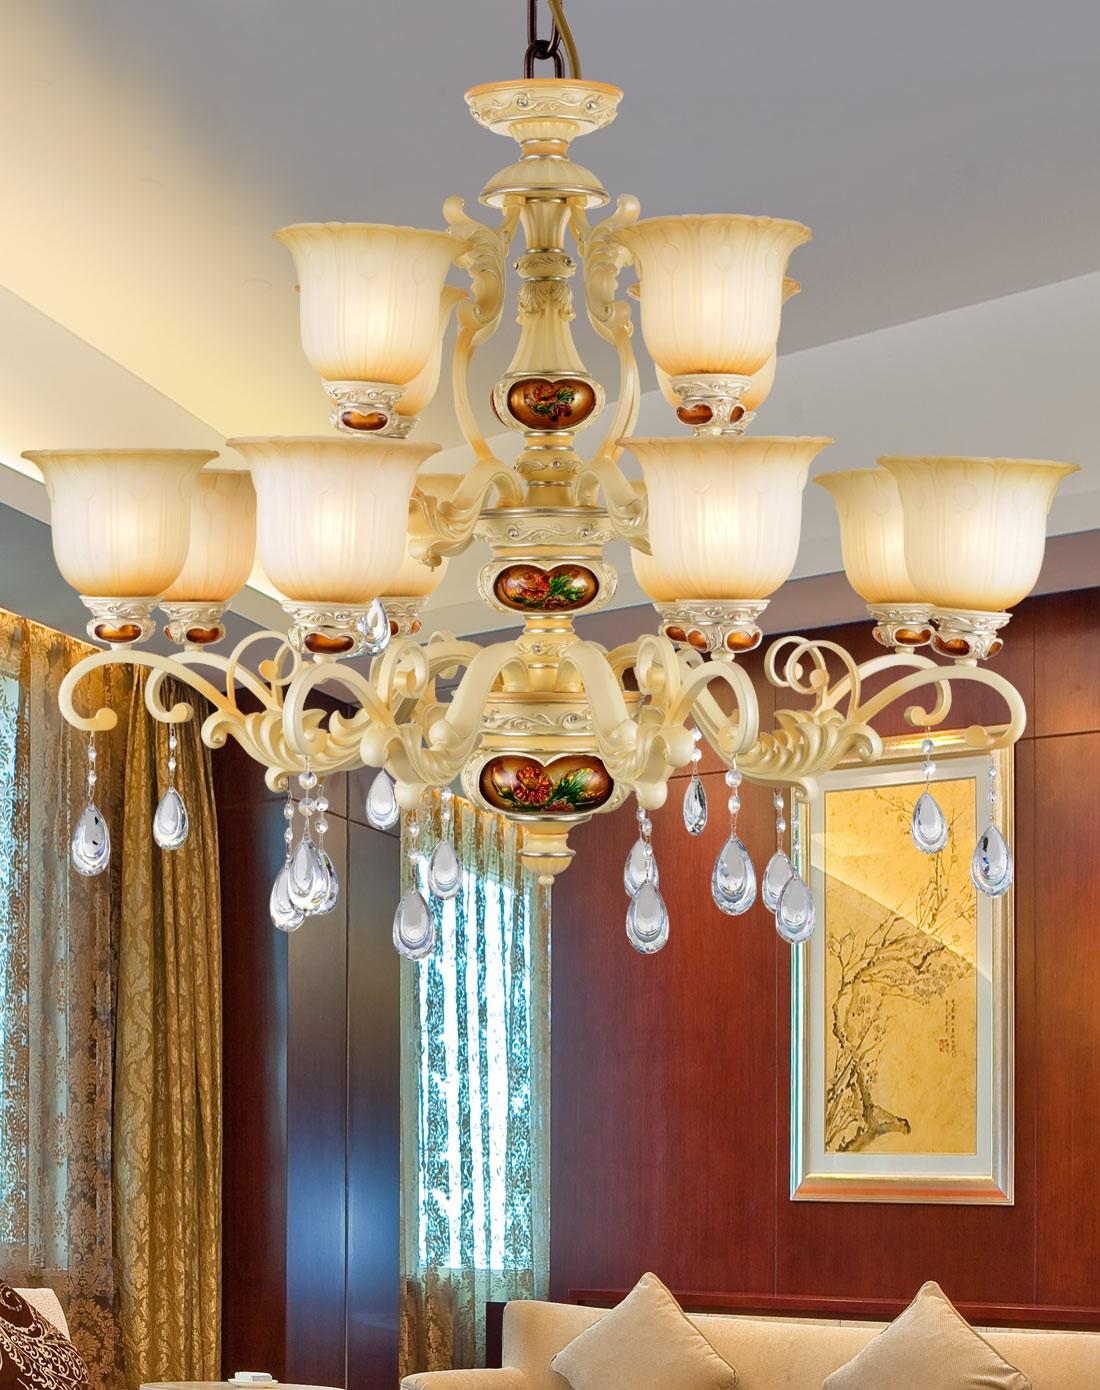 歐式貴族奢華客廳臥室水晶吊燈12頭